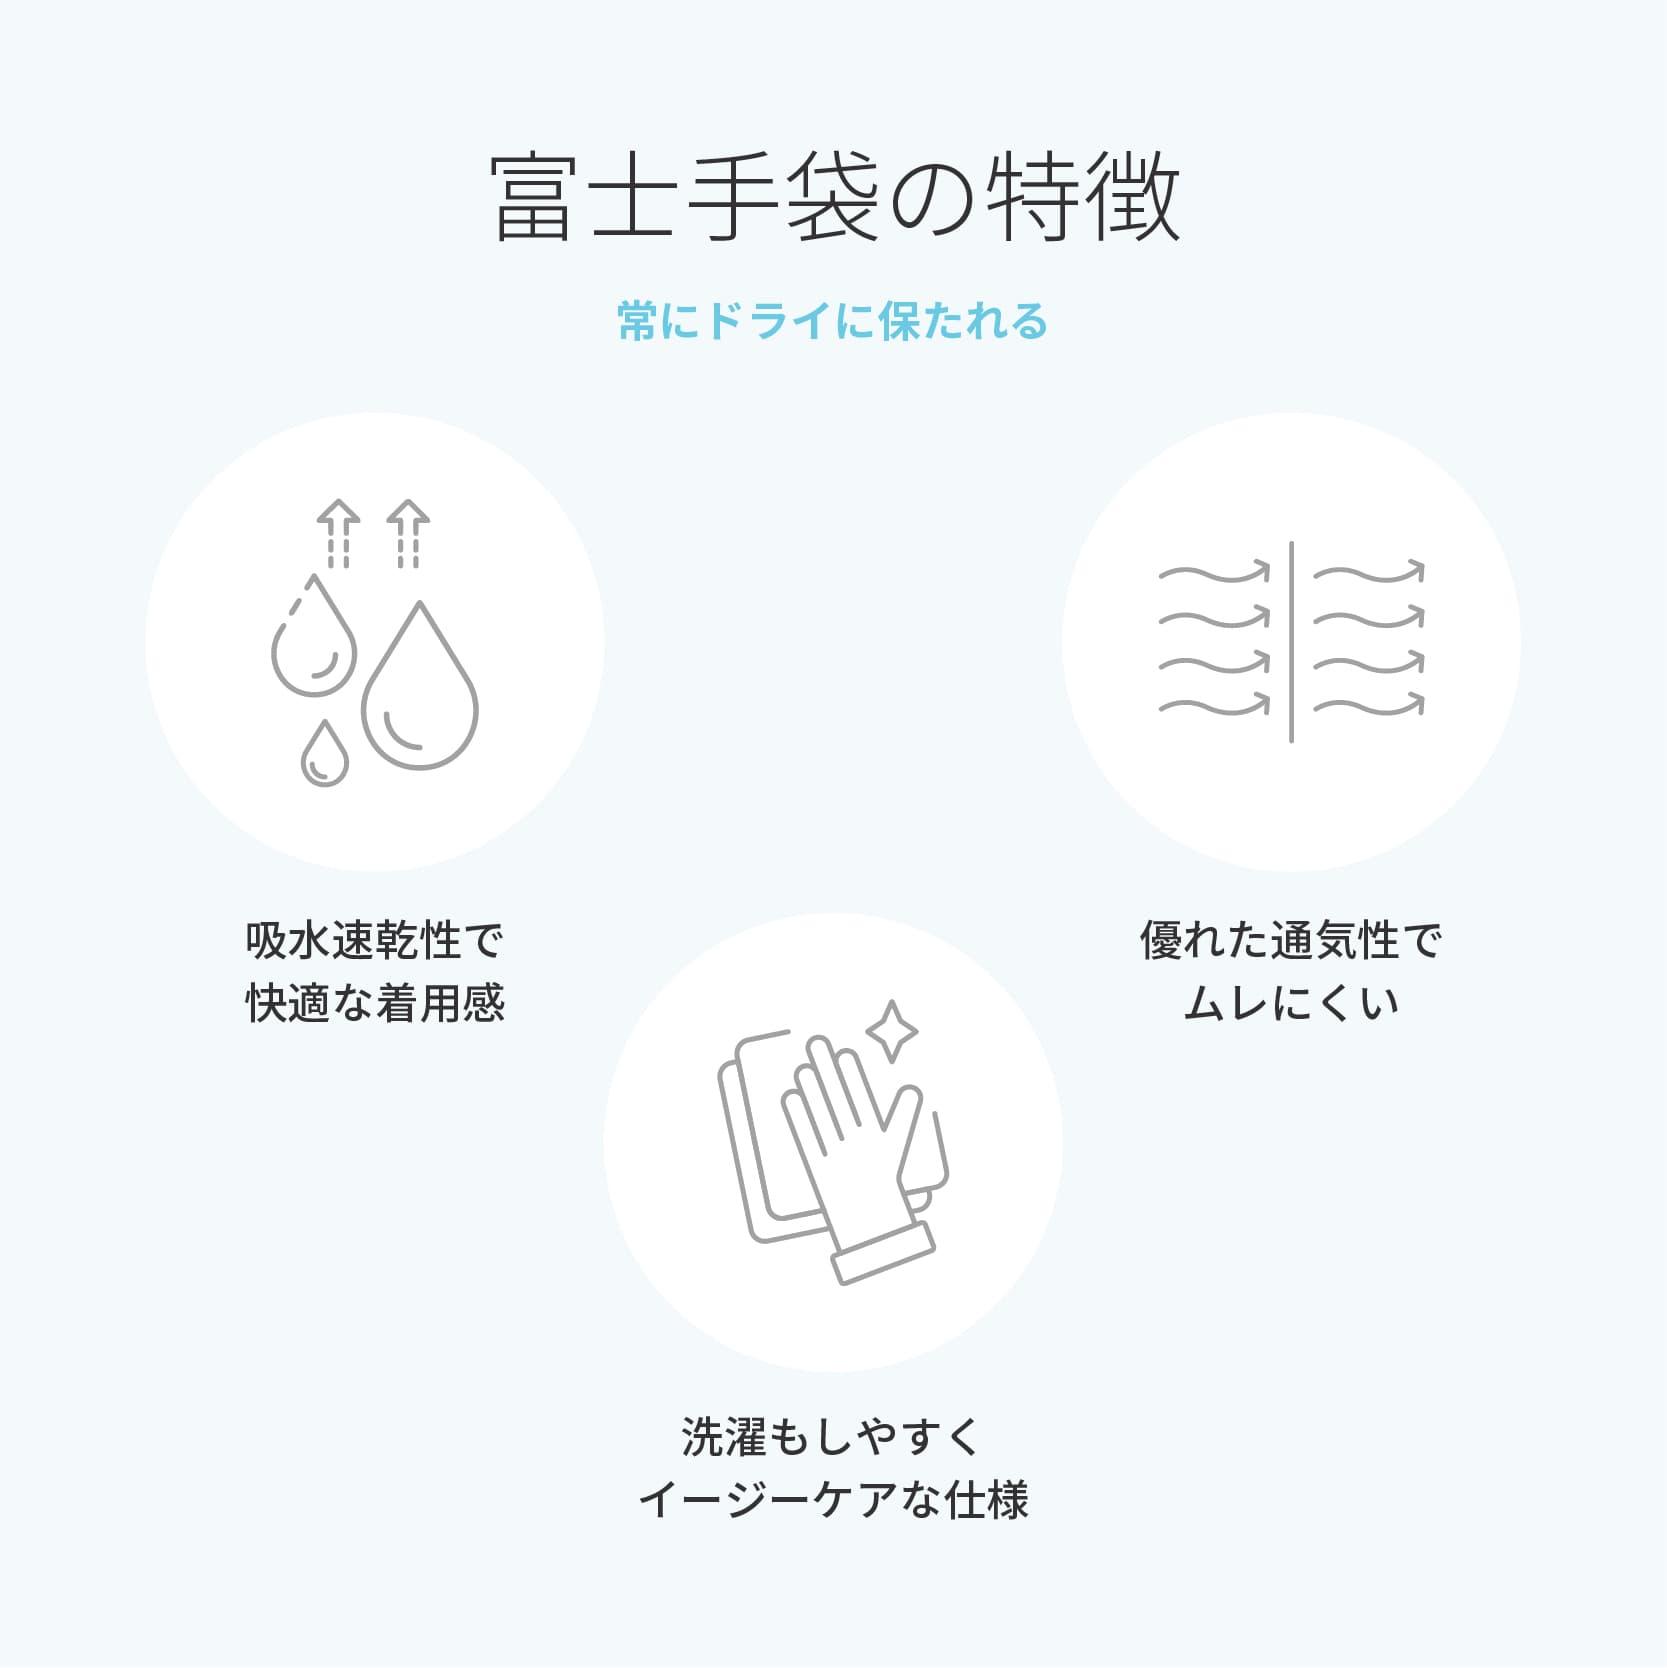 富士手袋マスクの特徴